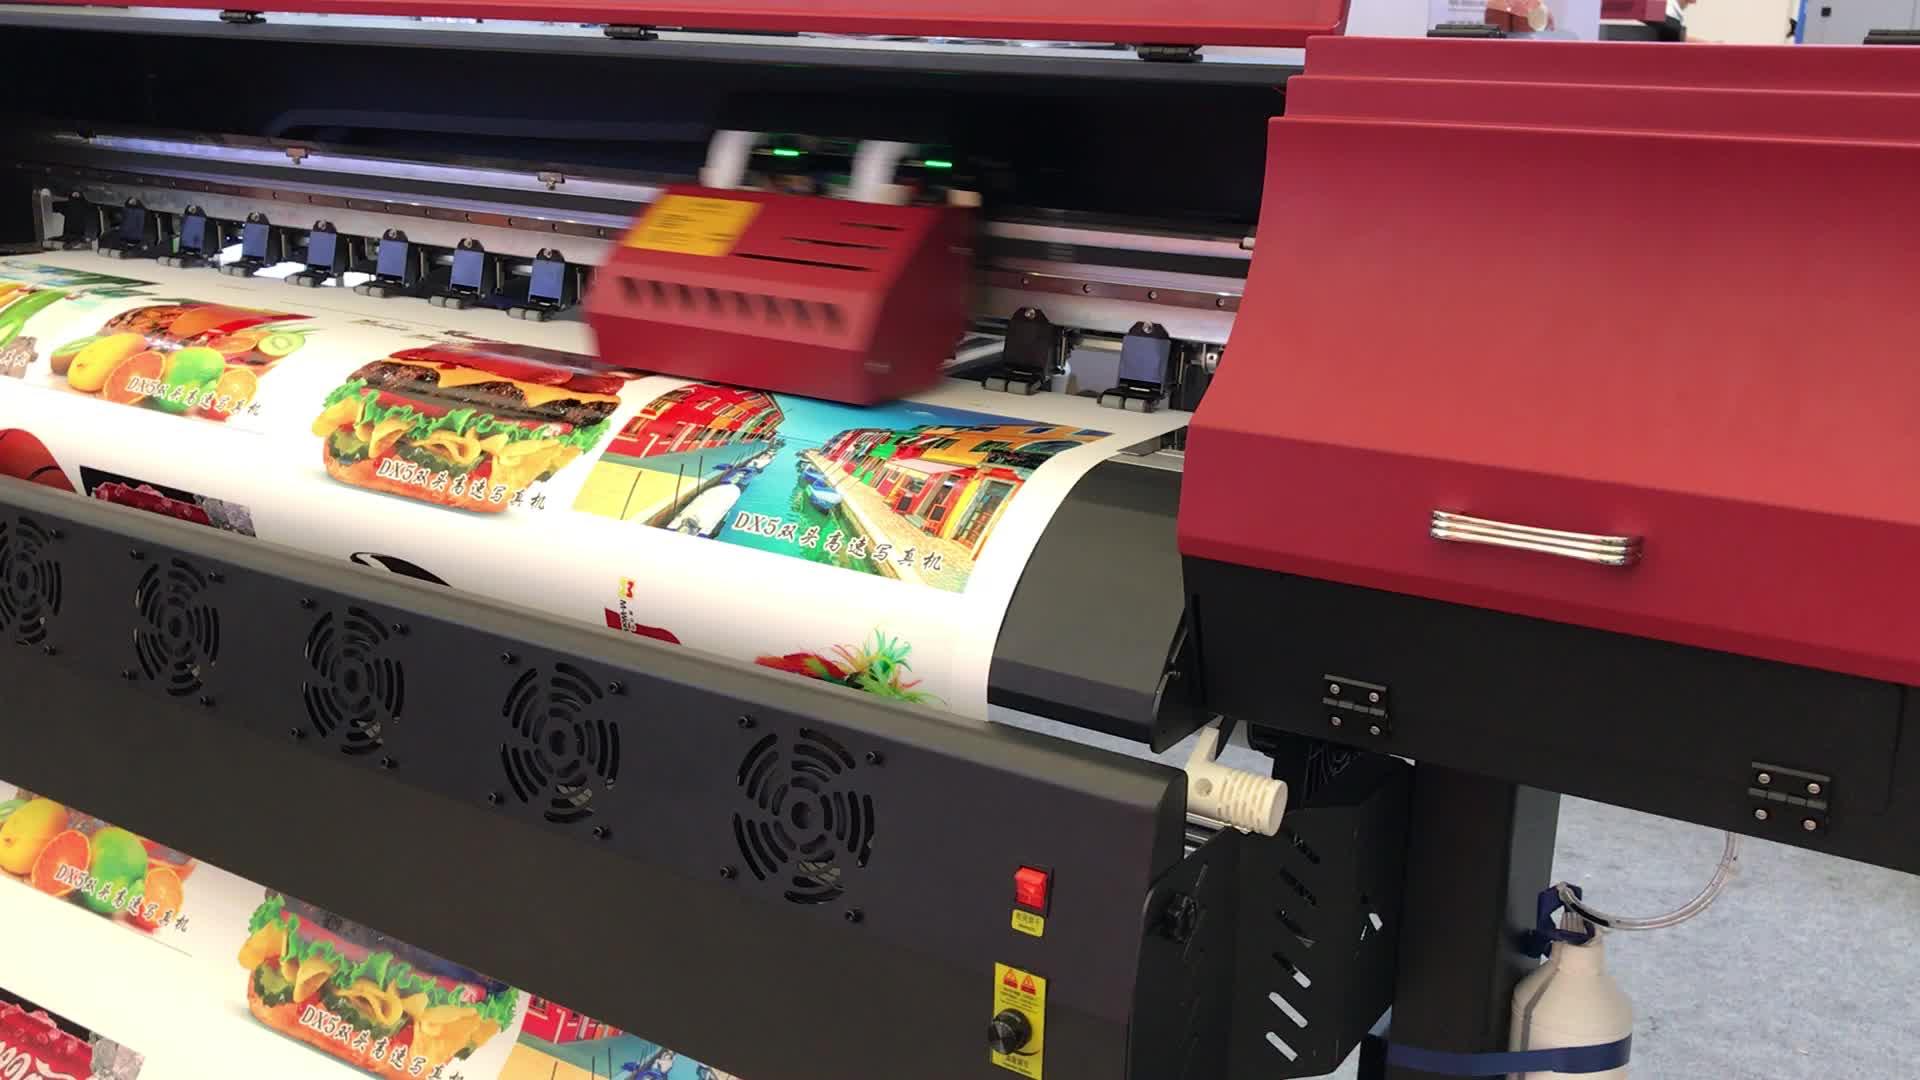 Rolo de papel Infinito 1.6 m / 1.8 m de largura 1680 V diy grande formato de imagem impressora digital de jato de tinta de embalagem de salsicha